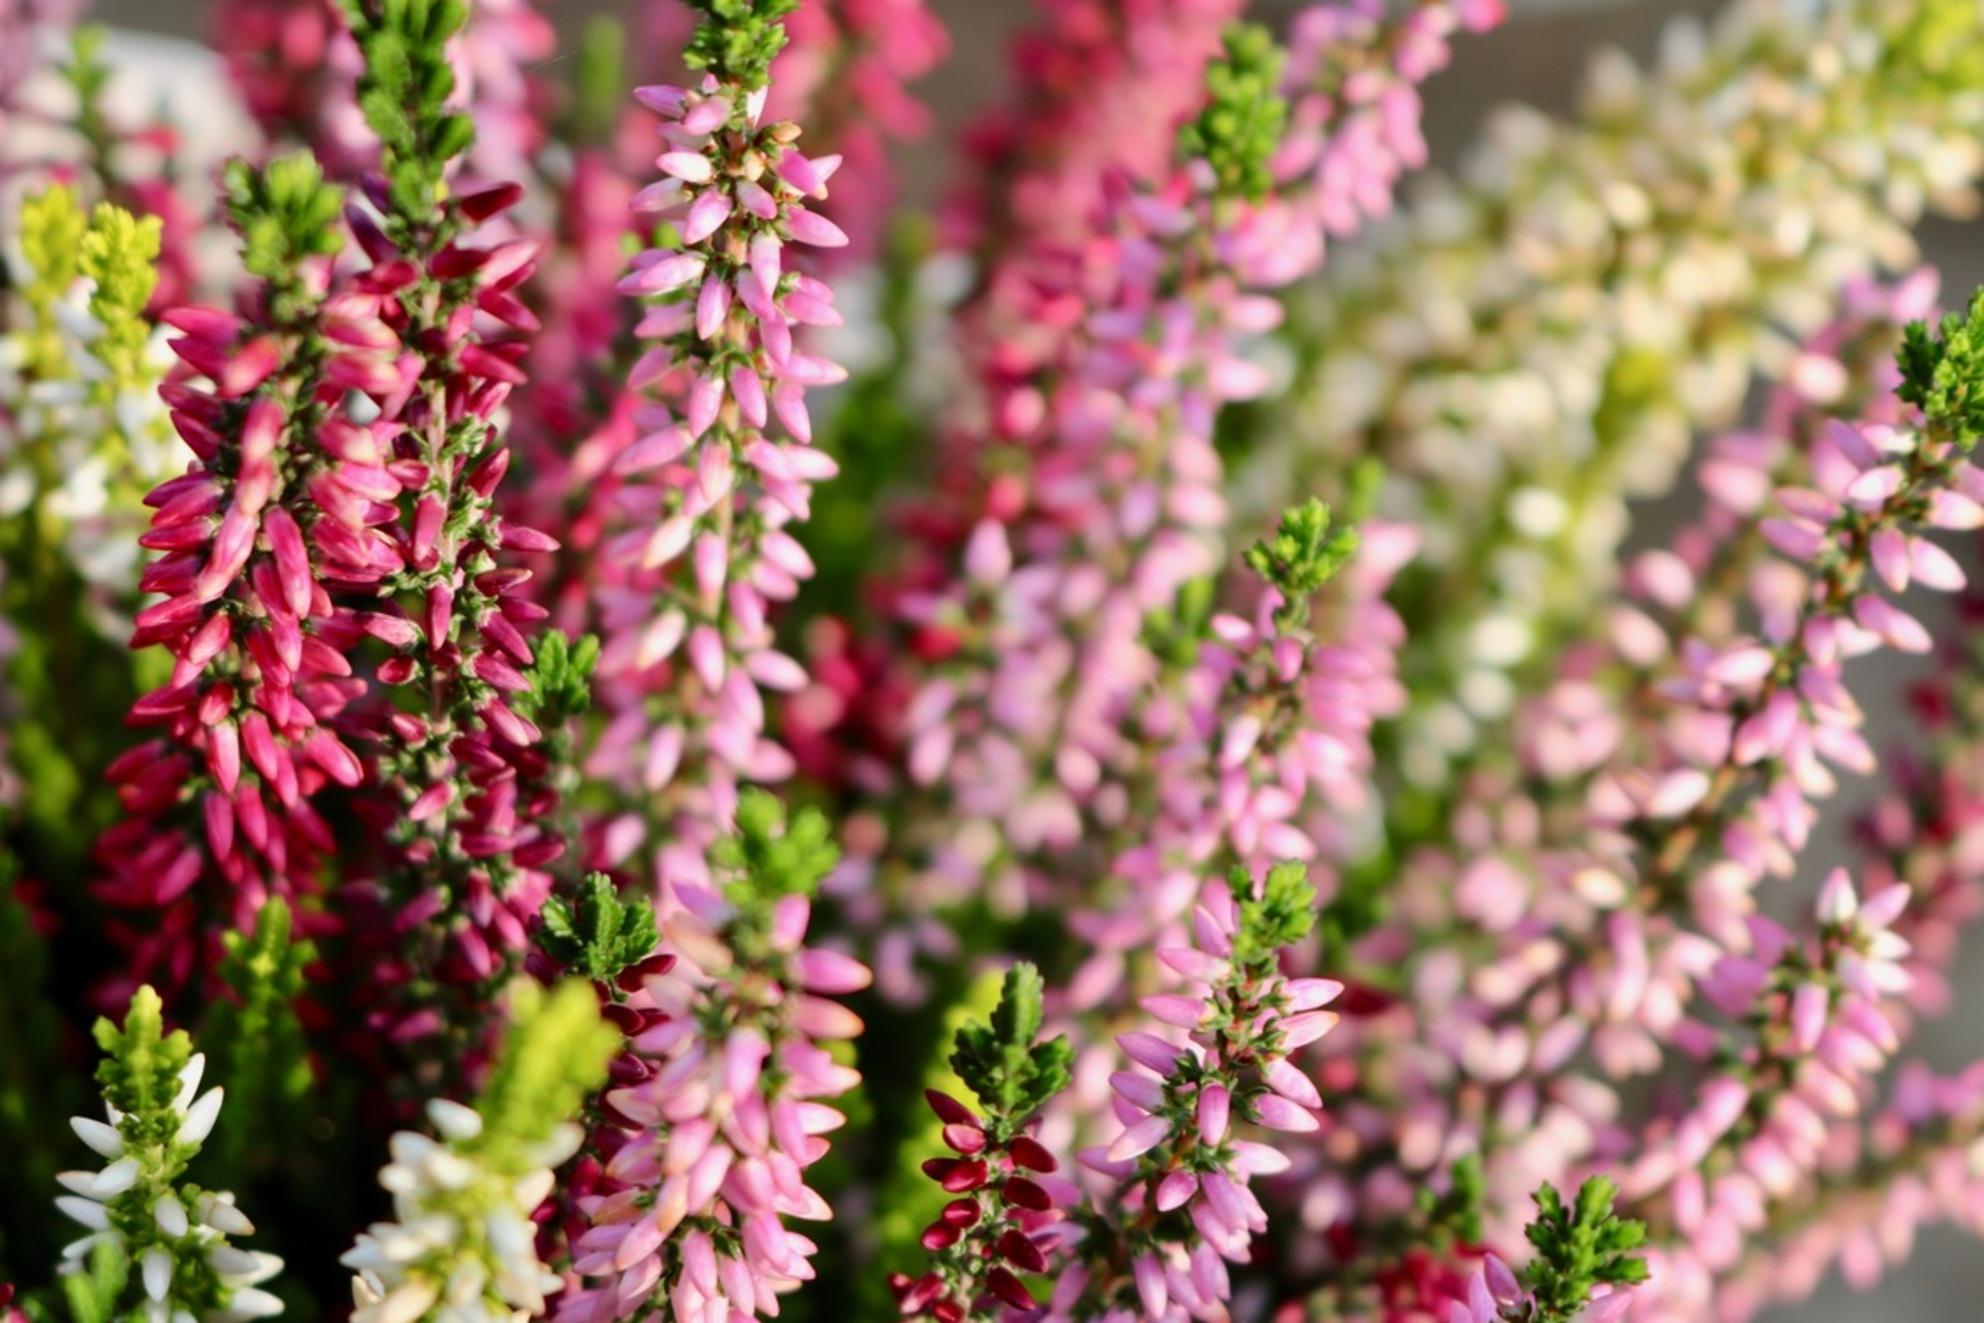 Heide op de Hei - Canon 750D 55mm op f/5.6 1/100 ISO 200 - foto door jimiejimie op 30-10-2017 - deze foto bevat: roze, paars, rood, macro, zon, bloem, natuur, zomer